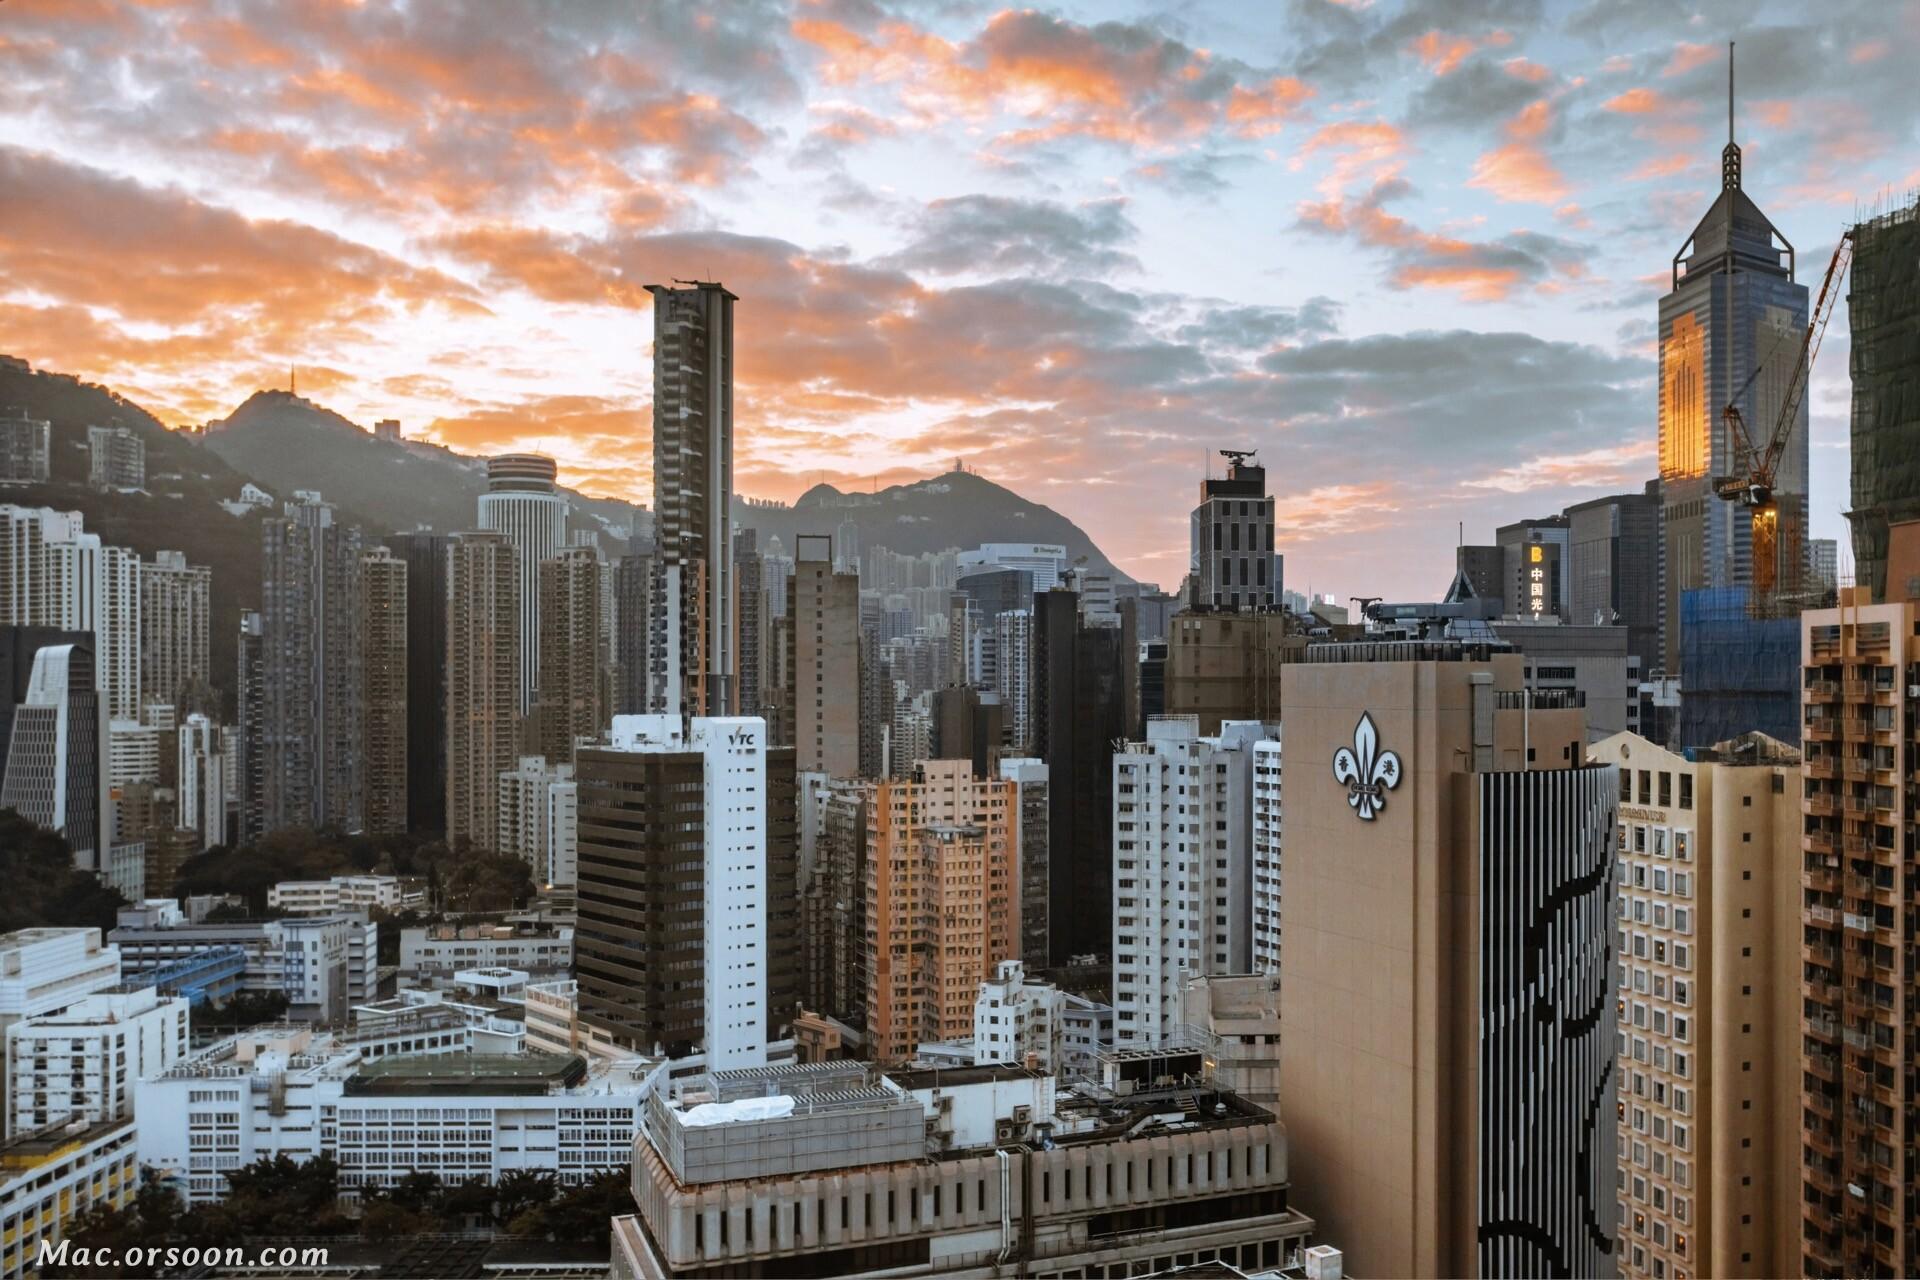 香港城市景观5k高清动态壁纸